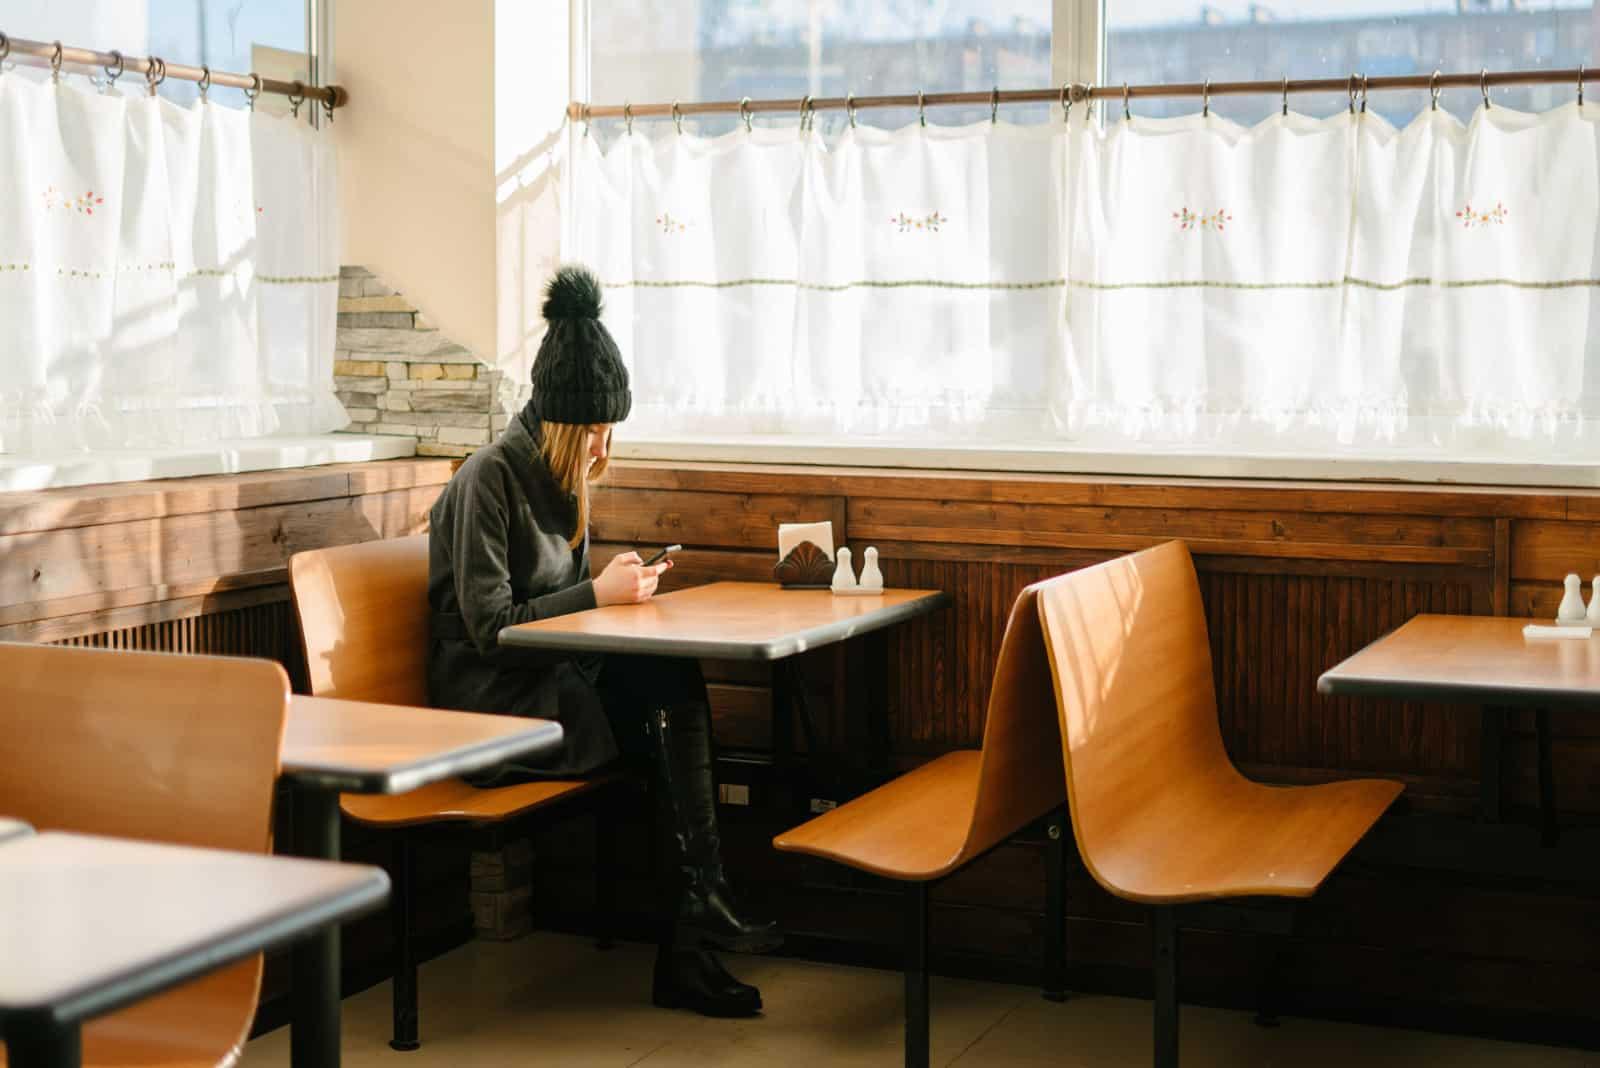 femme utilisant un smartphone alors qu'elle est assise à une table